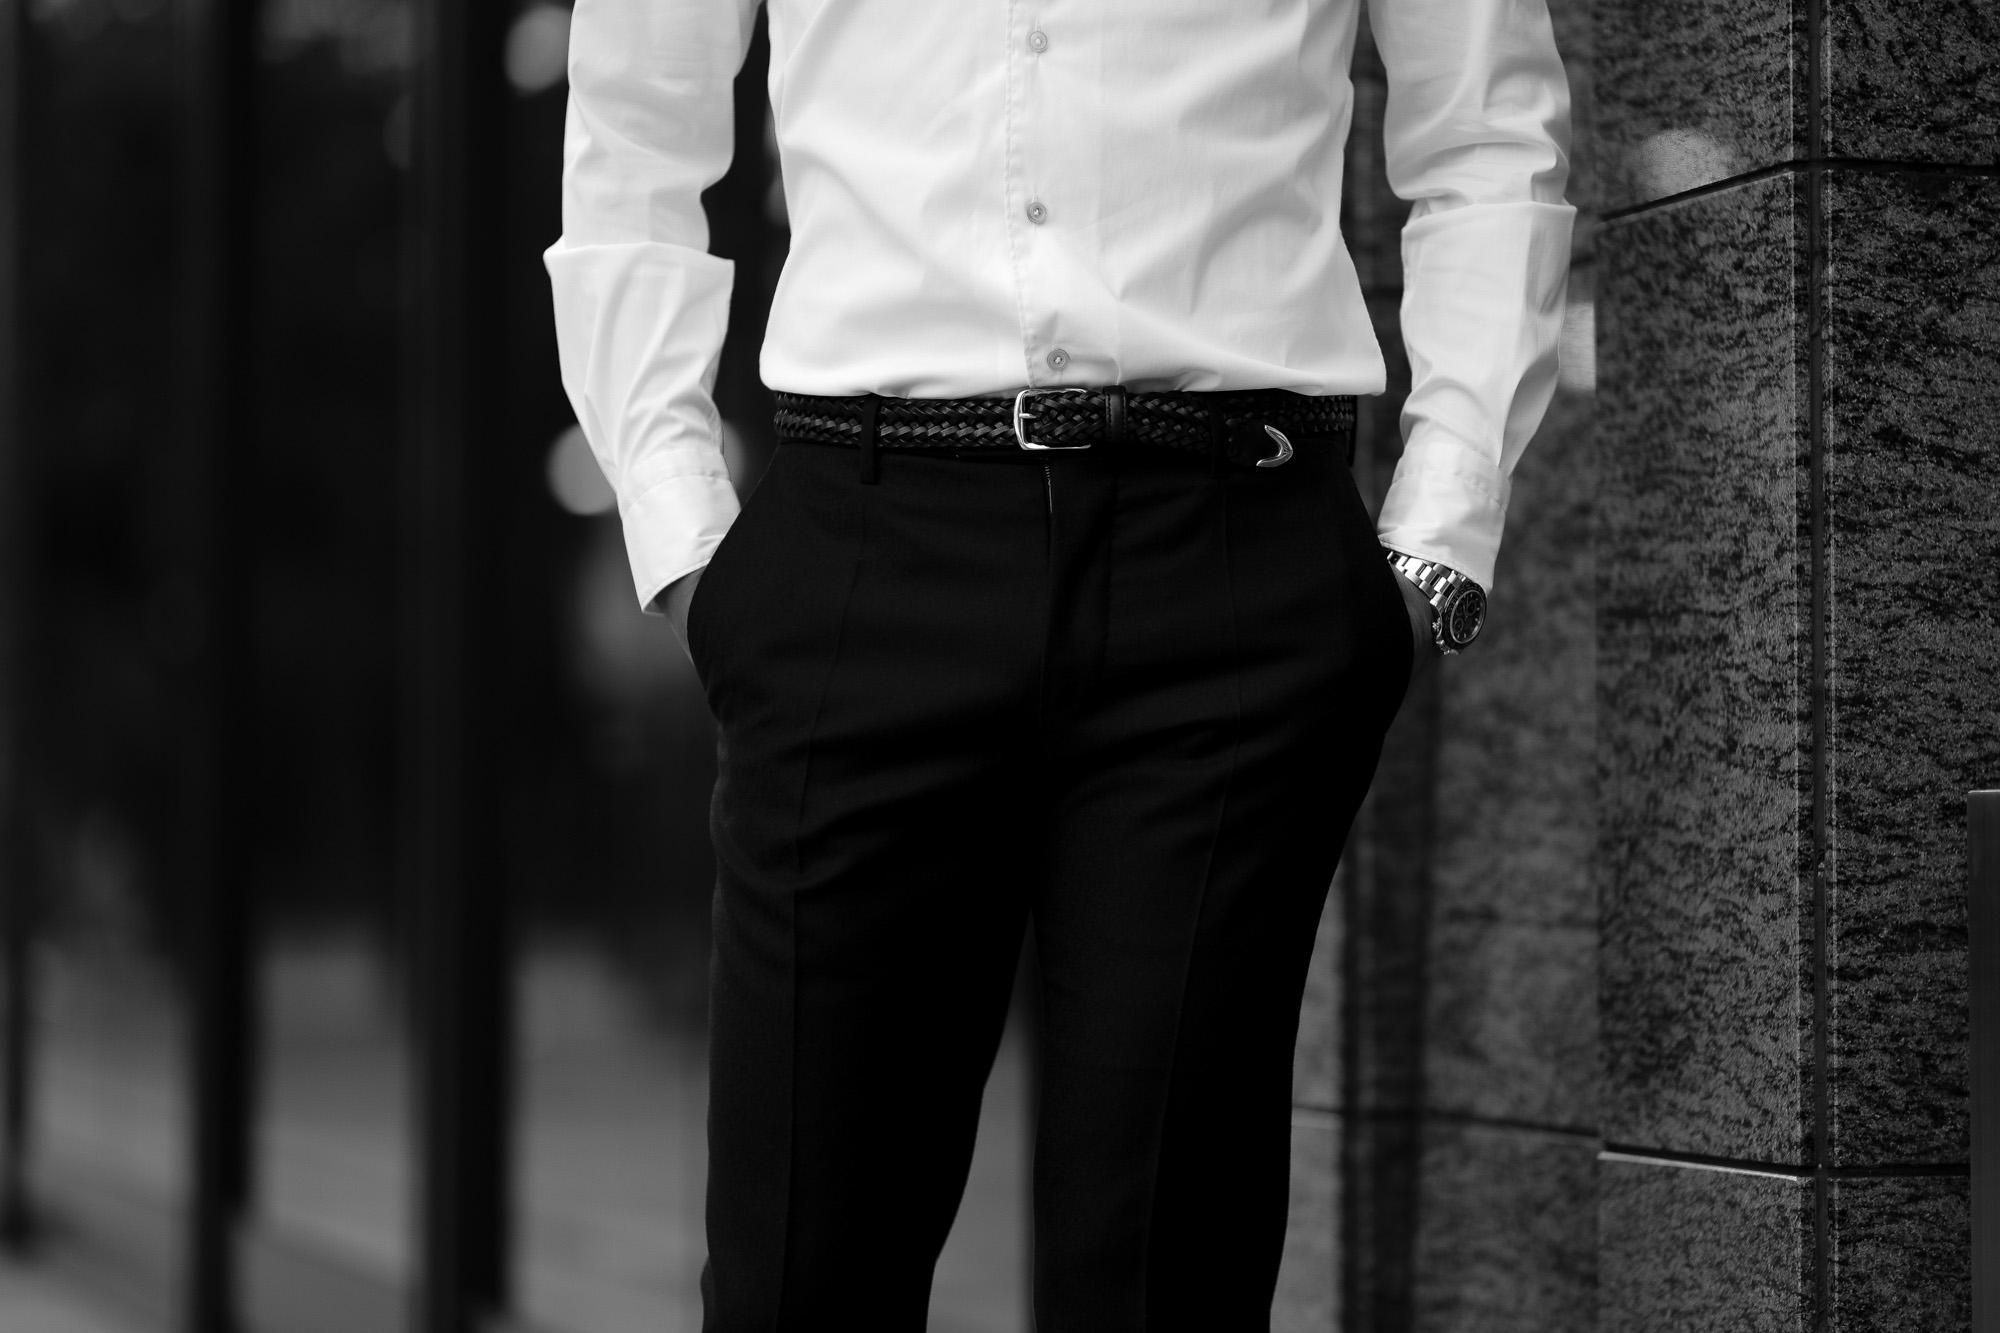 cuervo bopoha クエルボ ヴァローナ Sartoria Collection サルトリア コレクション Lance ランス Cow Hide Leather カウハイド レザー メッシュベルト BLACK ブラック Made in Italy イタリア製 2020 秋冬 愛知 名古屋 altoediritto アルトエデリット ベルト 編み込みベルト